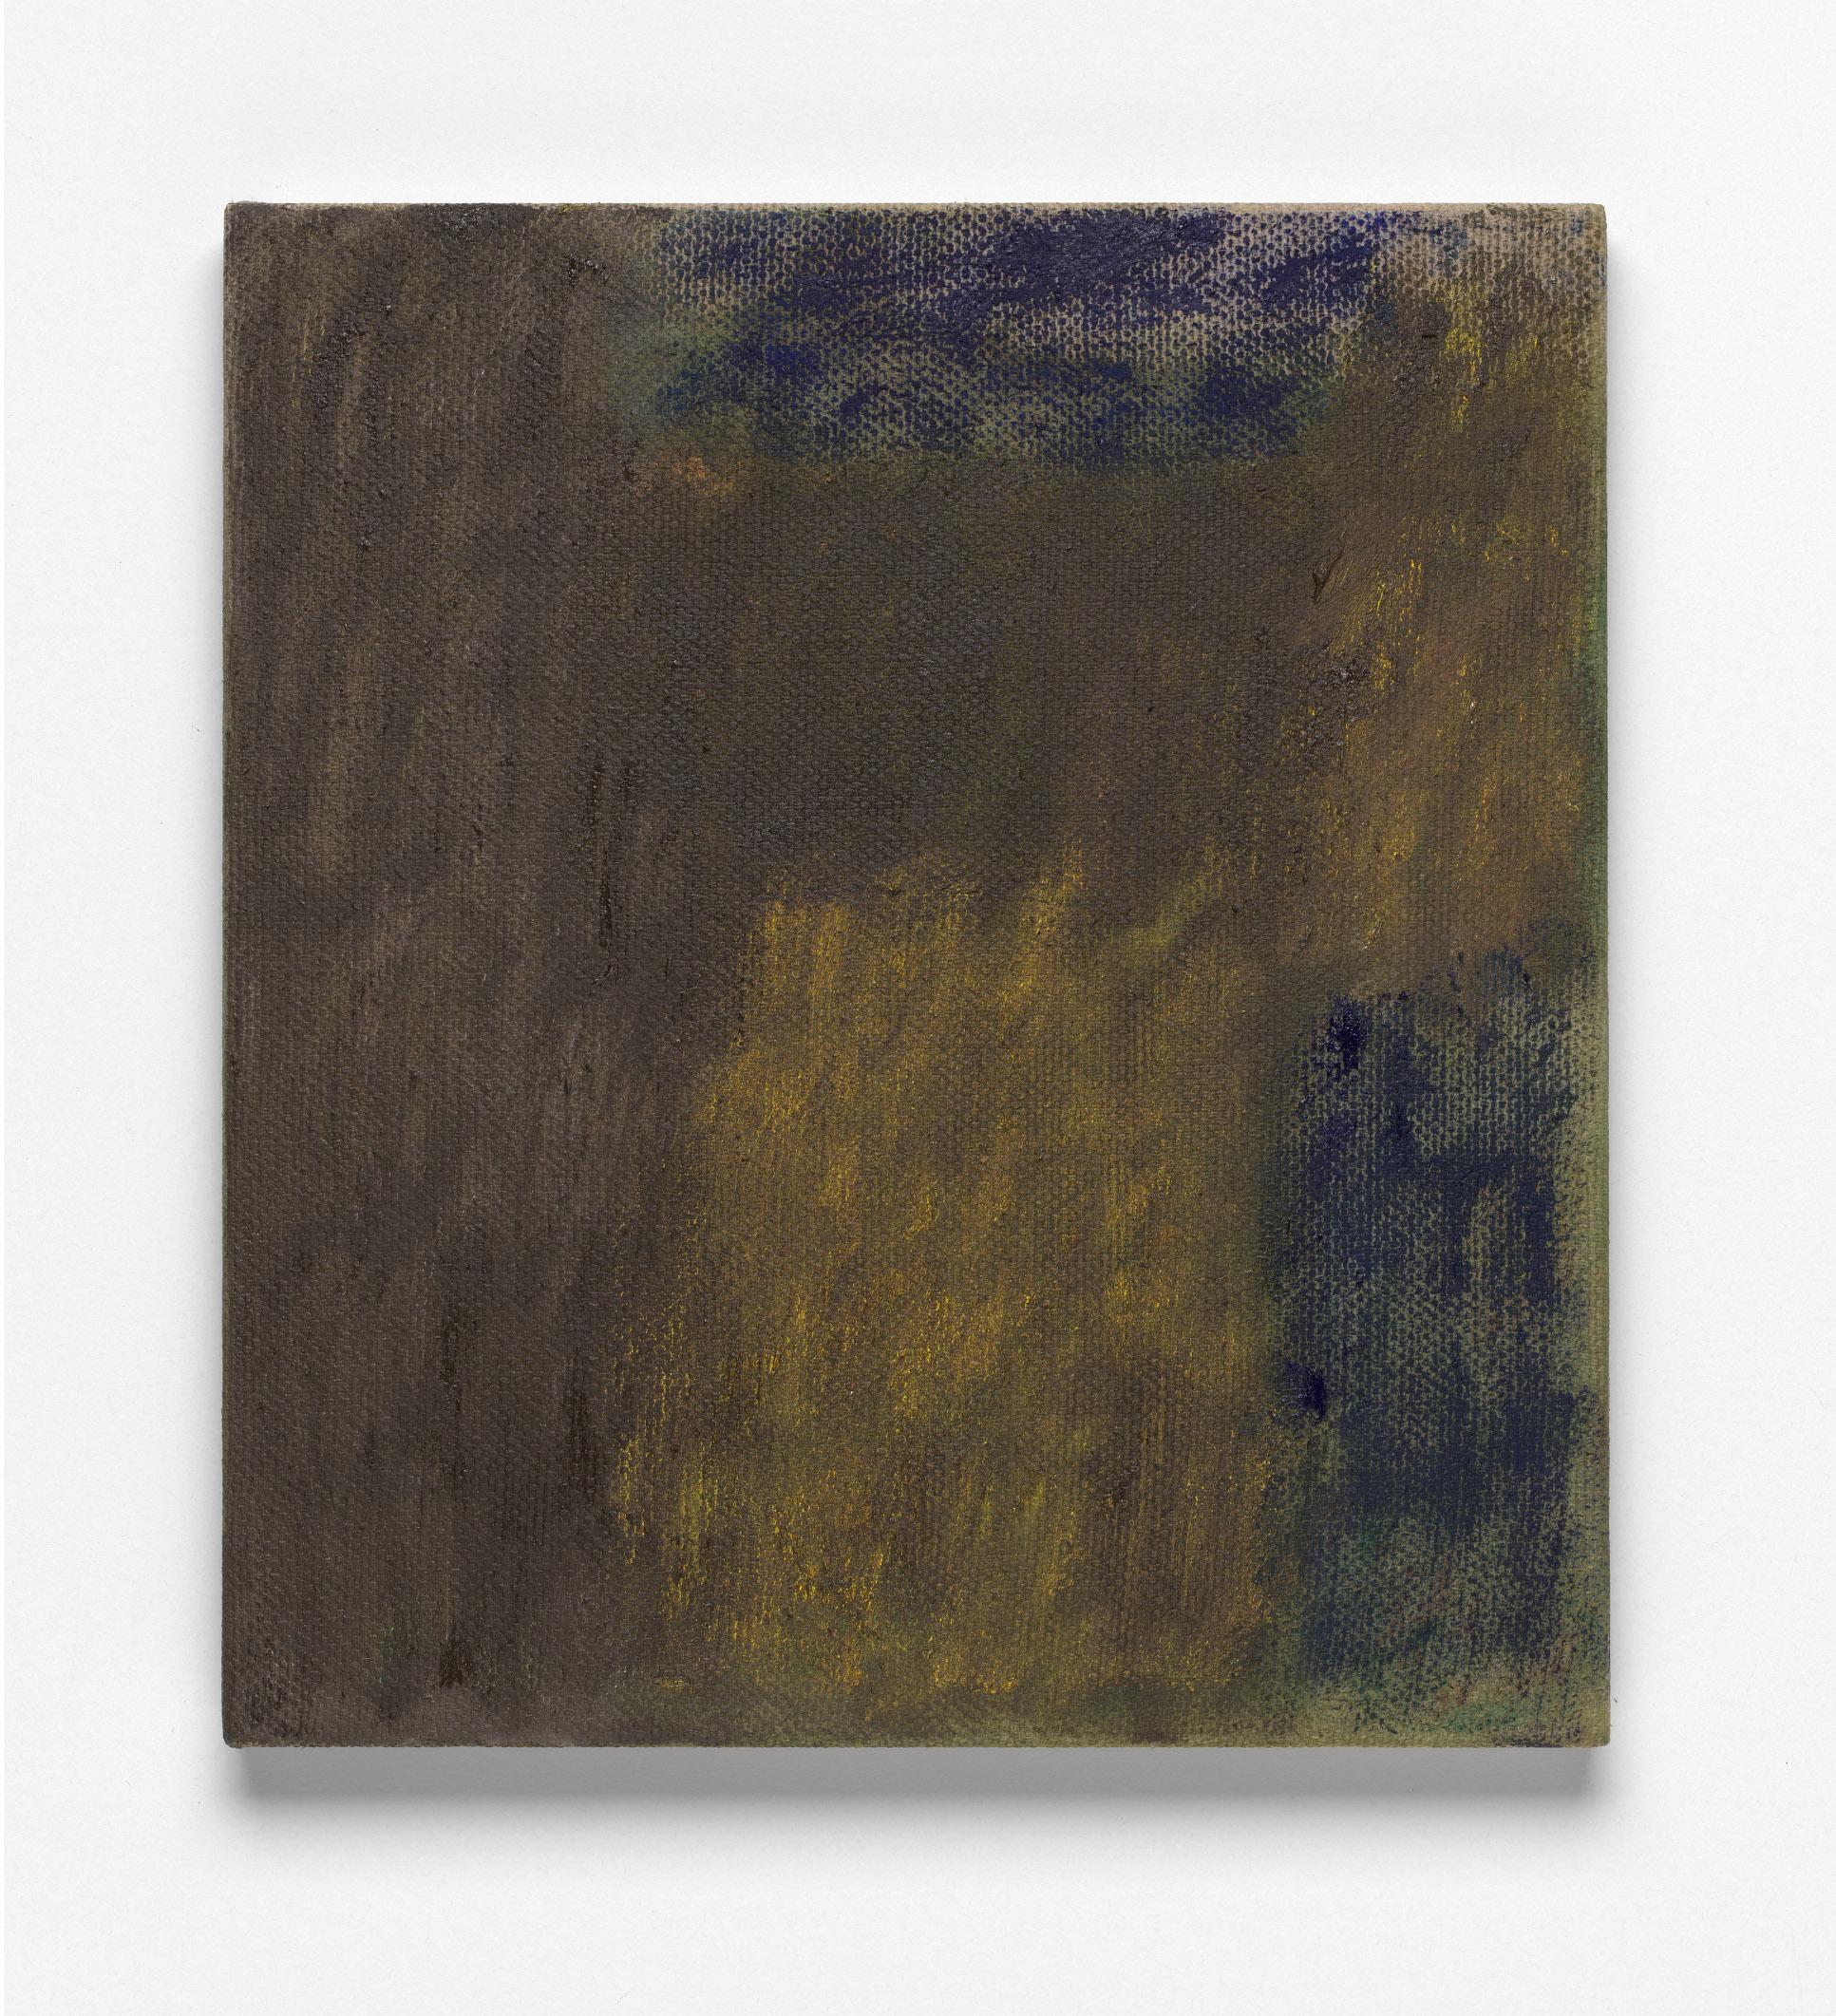 After L'Été 6, Oil on Linen, 46 x 41cm, 2019. Photograph by Matthew Stanton.